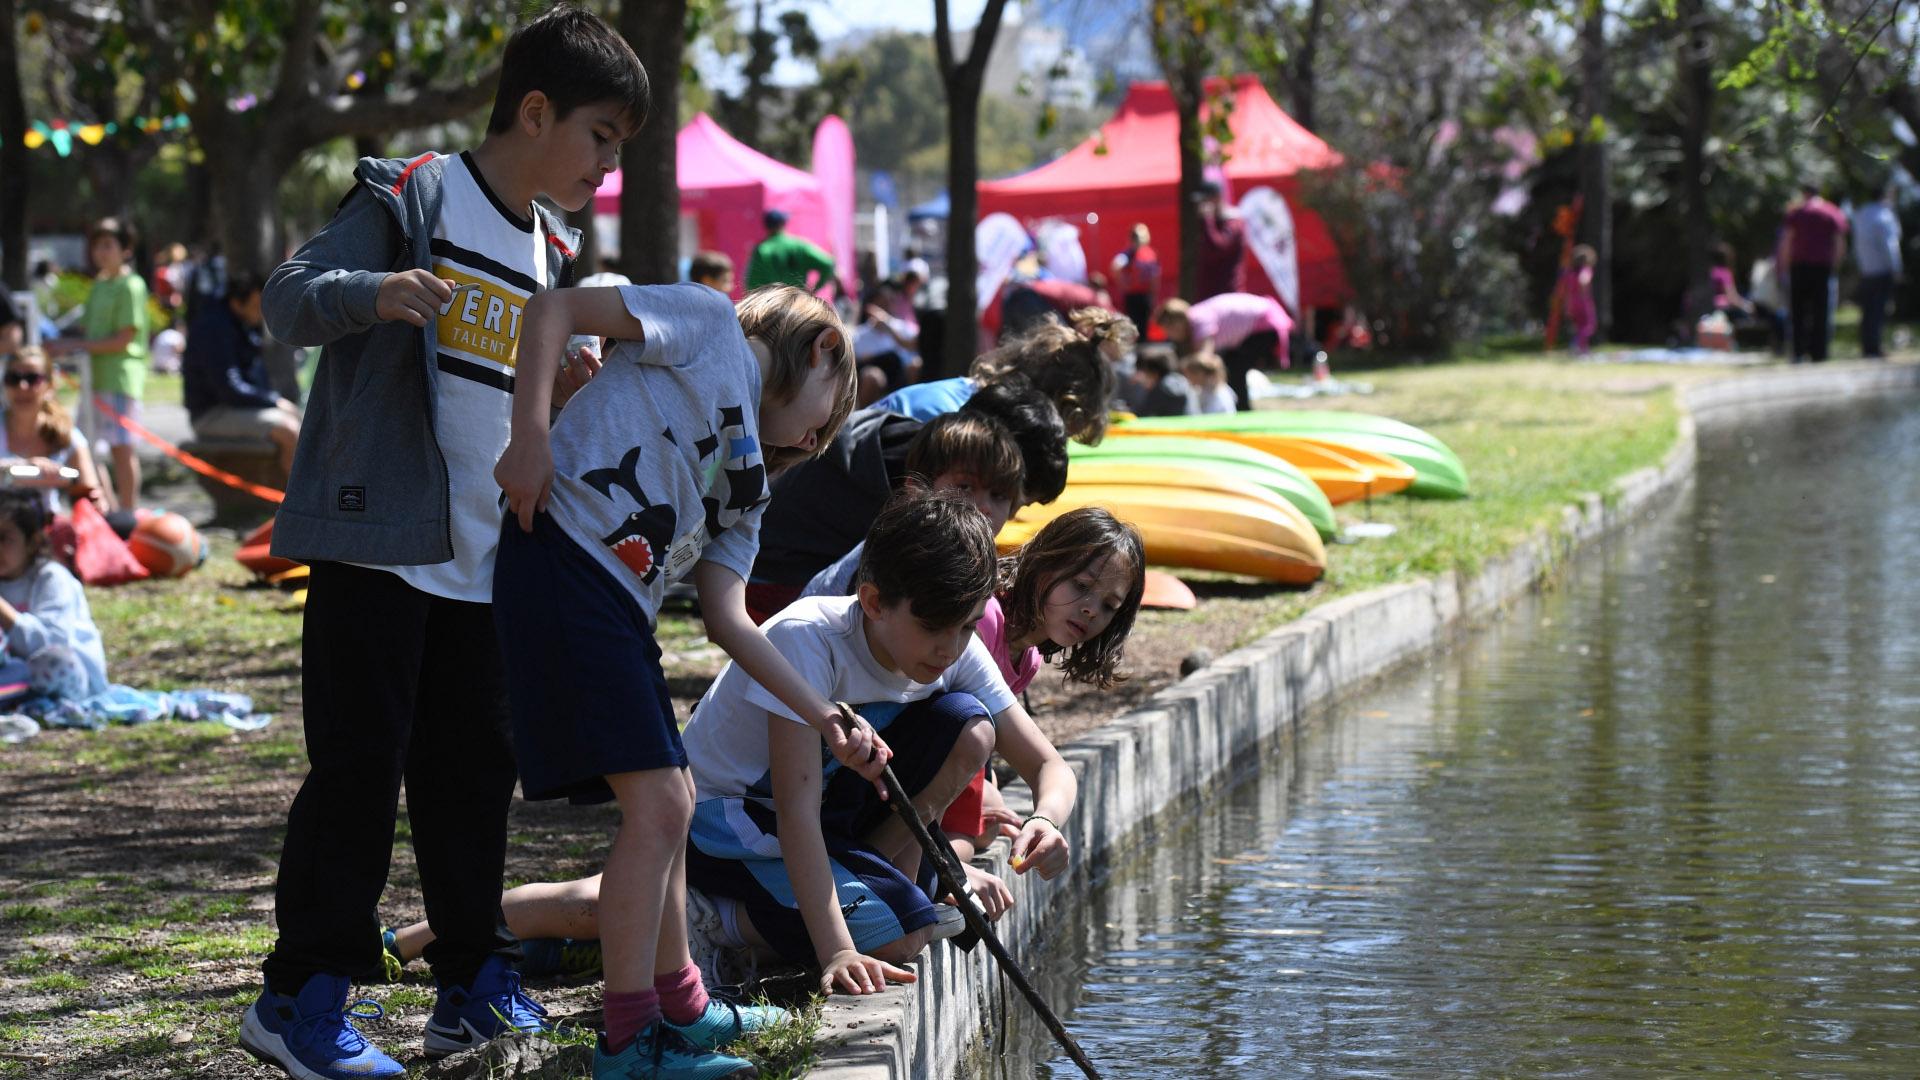 Para los más aventureros, en el Club Ciudad, una de las actividades que podían hacer era Kayak